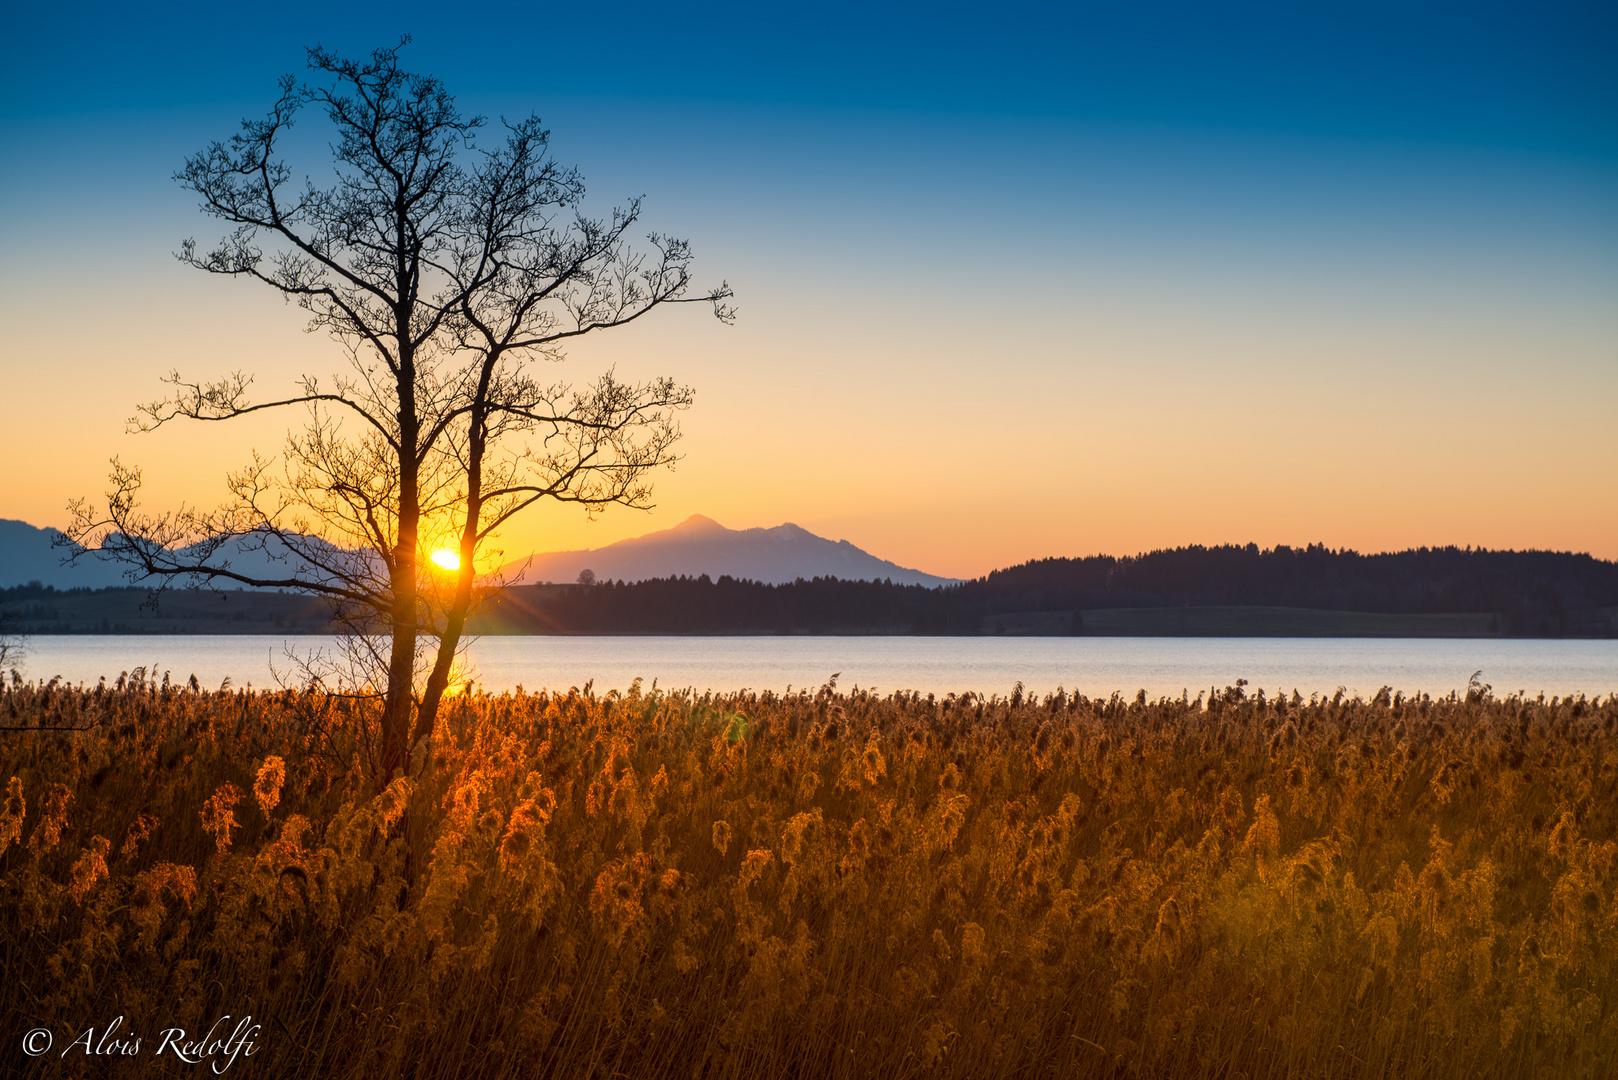 Sonnenuntergang am Bannwaldsee